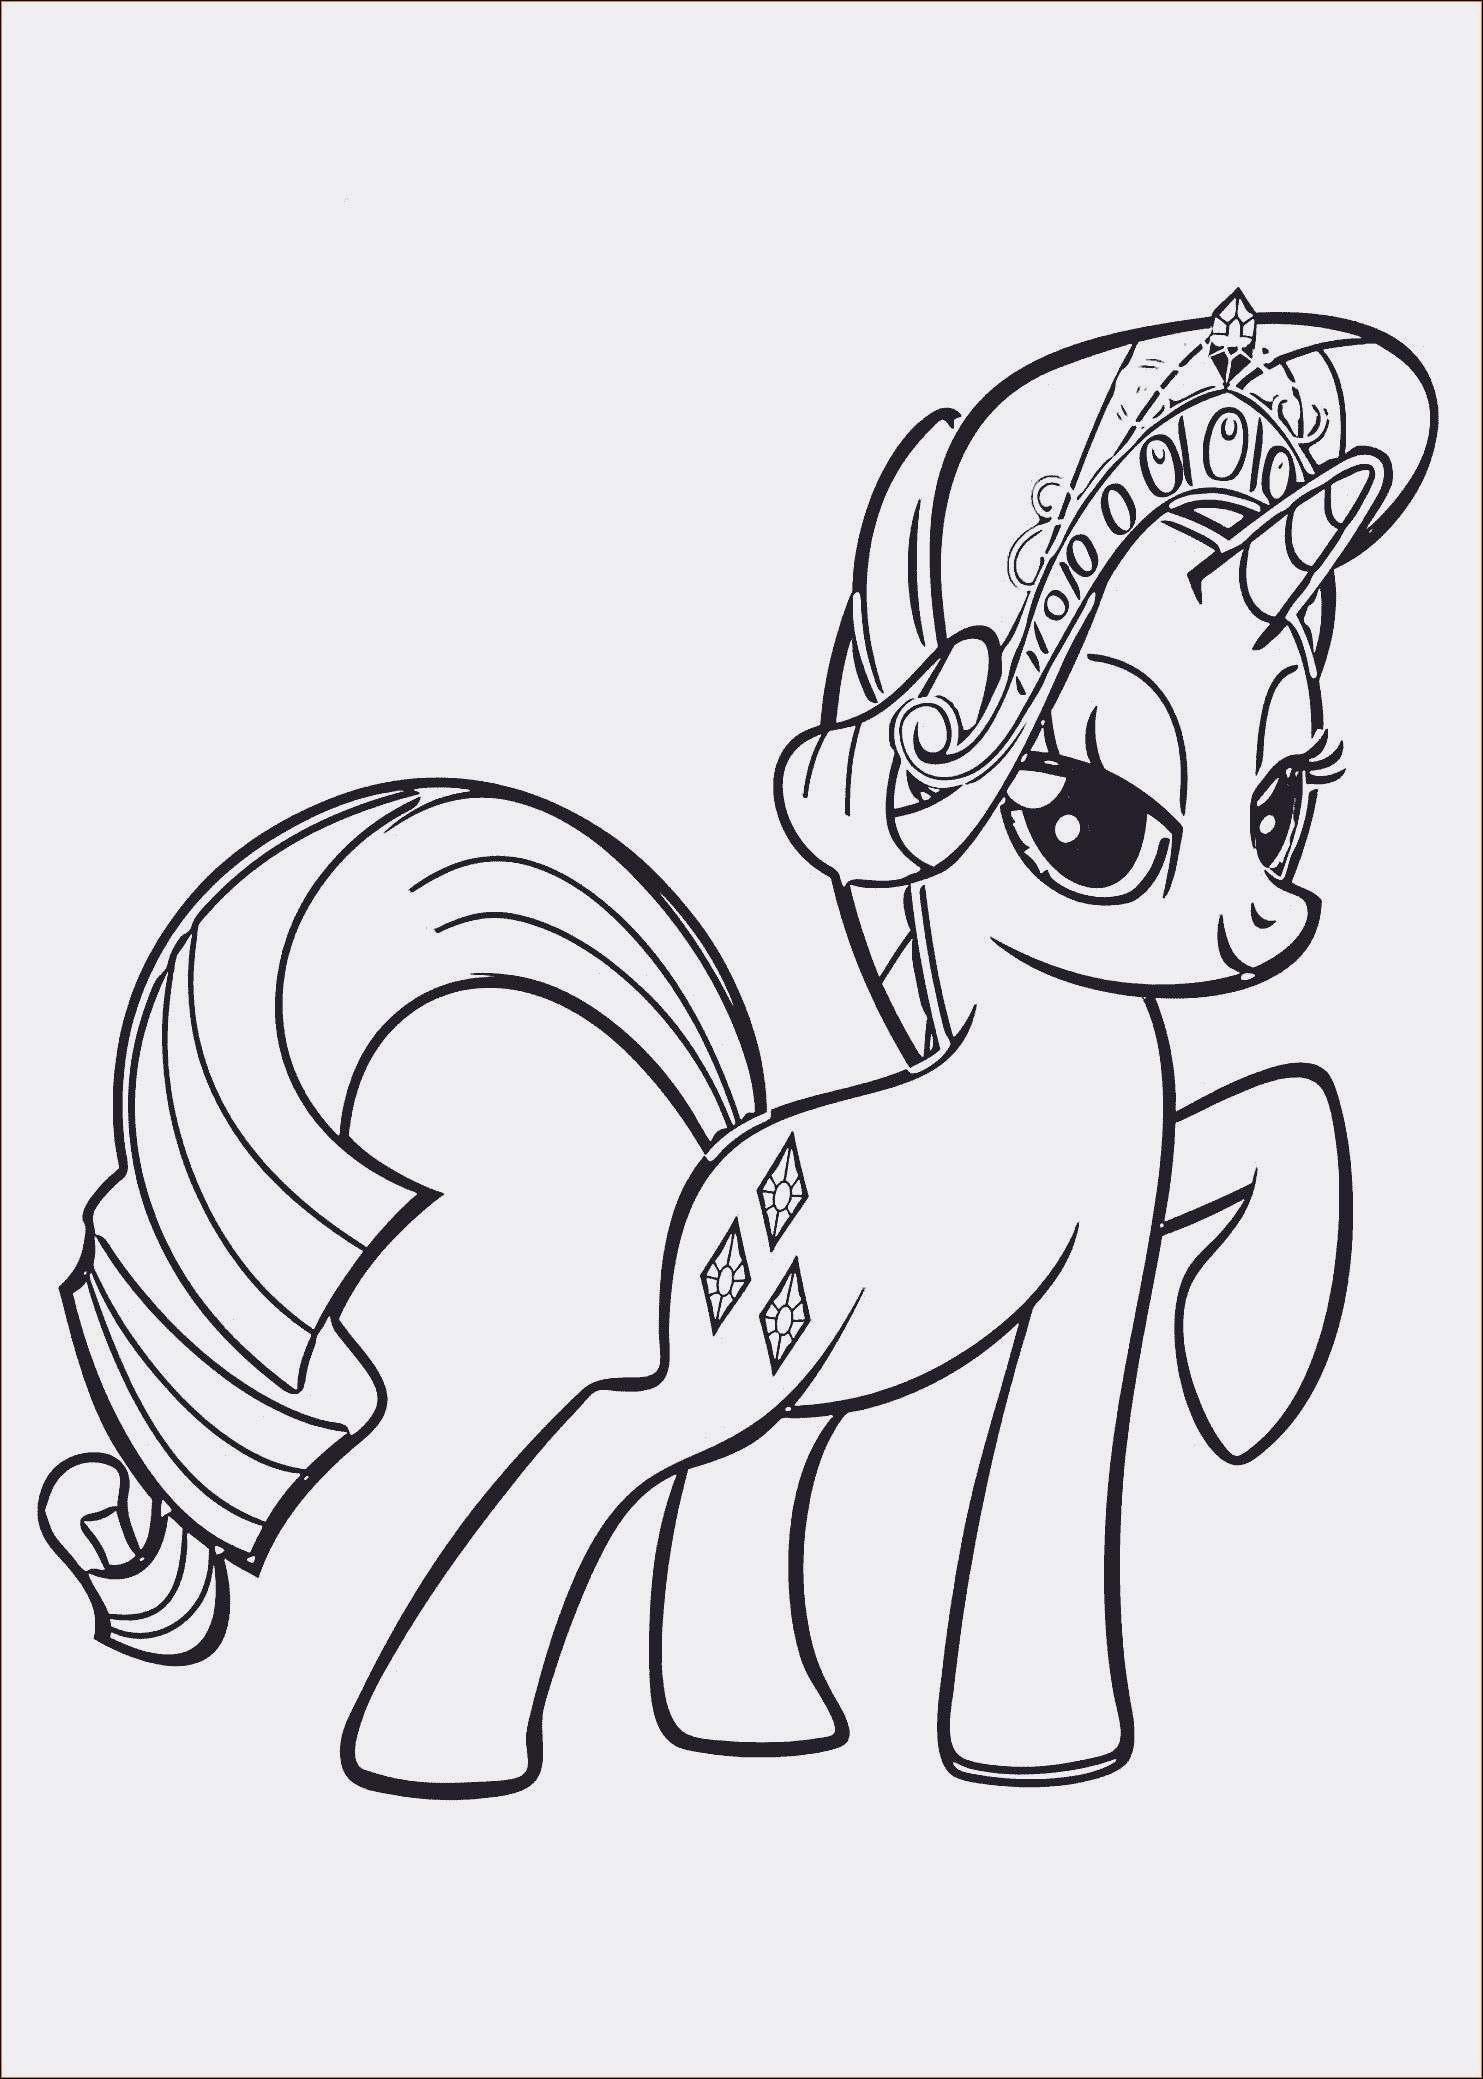 My Little Pony Equestria Girls Ausmalbilder Einzigartig Beispielbilder Färben My Little Pony Ausmalbilder Genial My Little Galerie